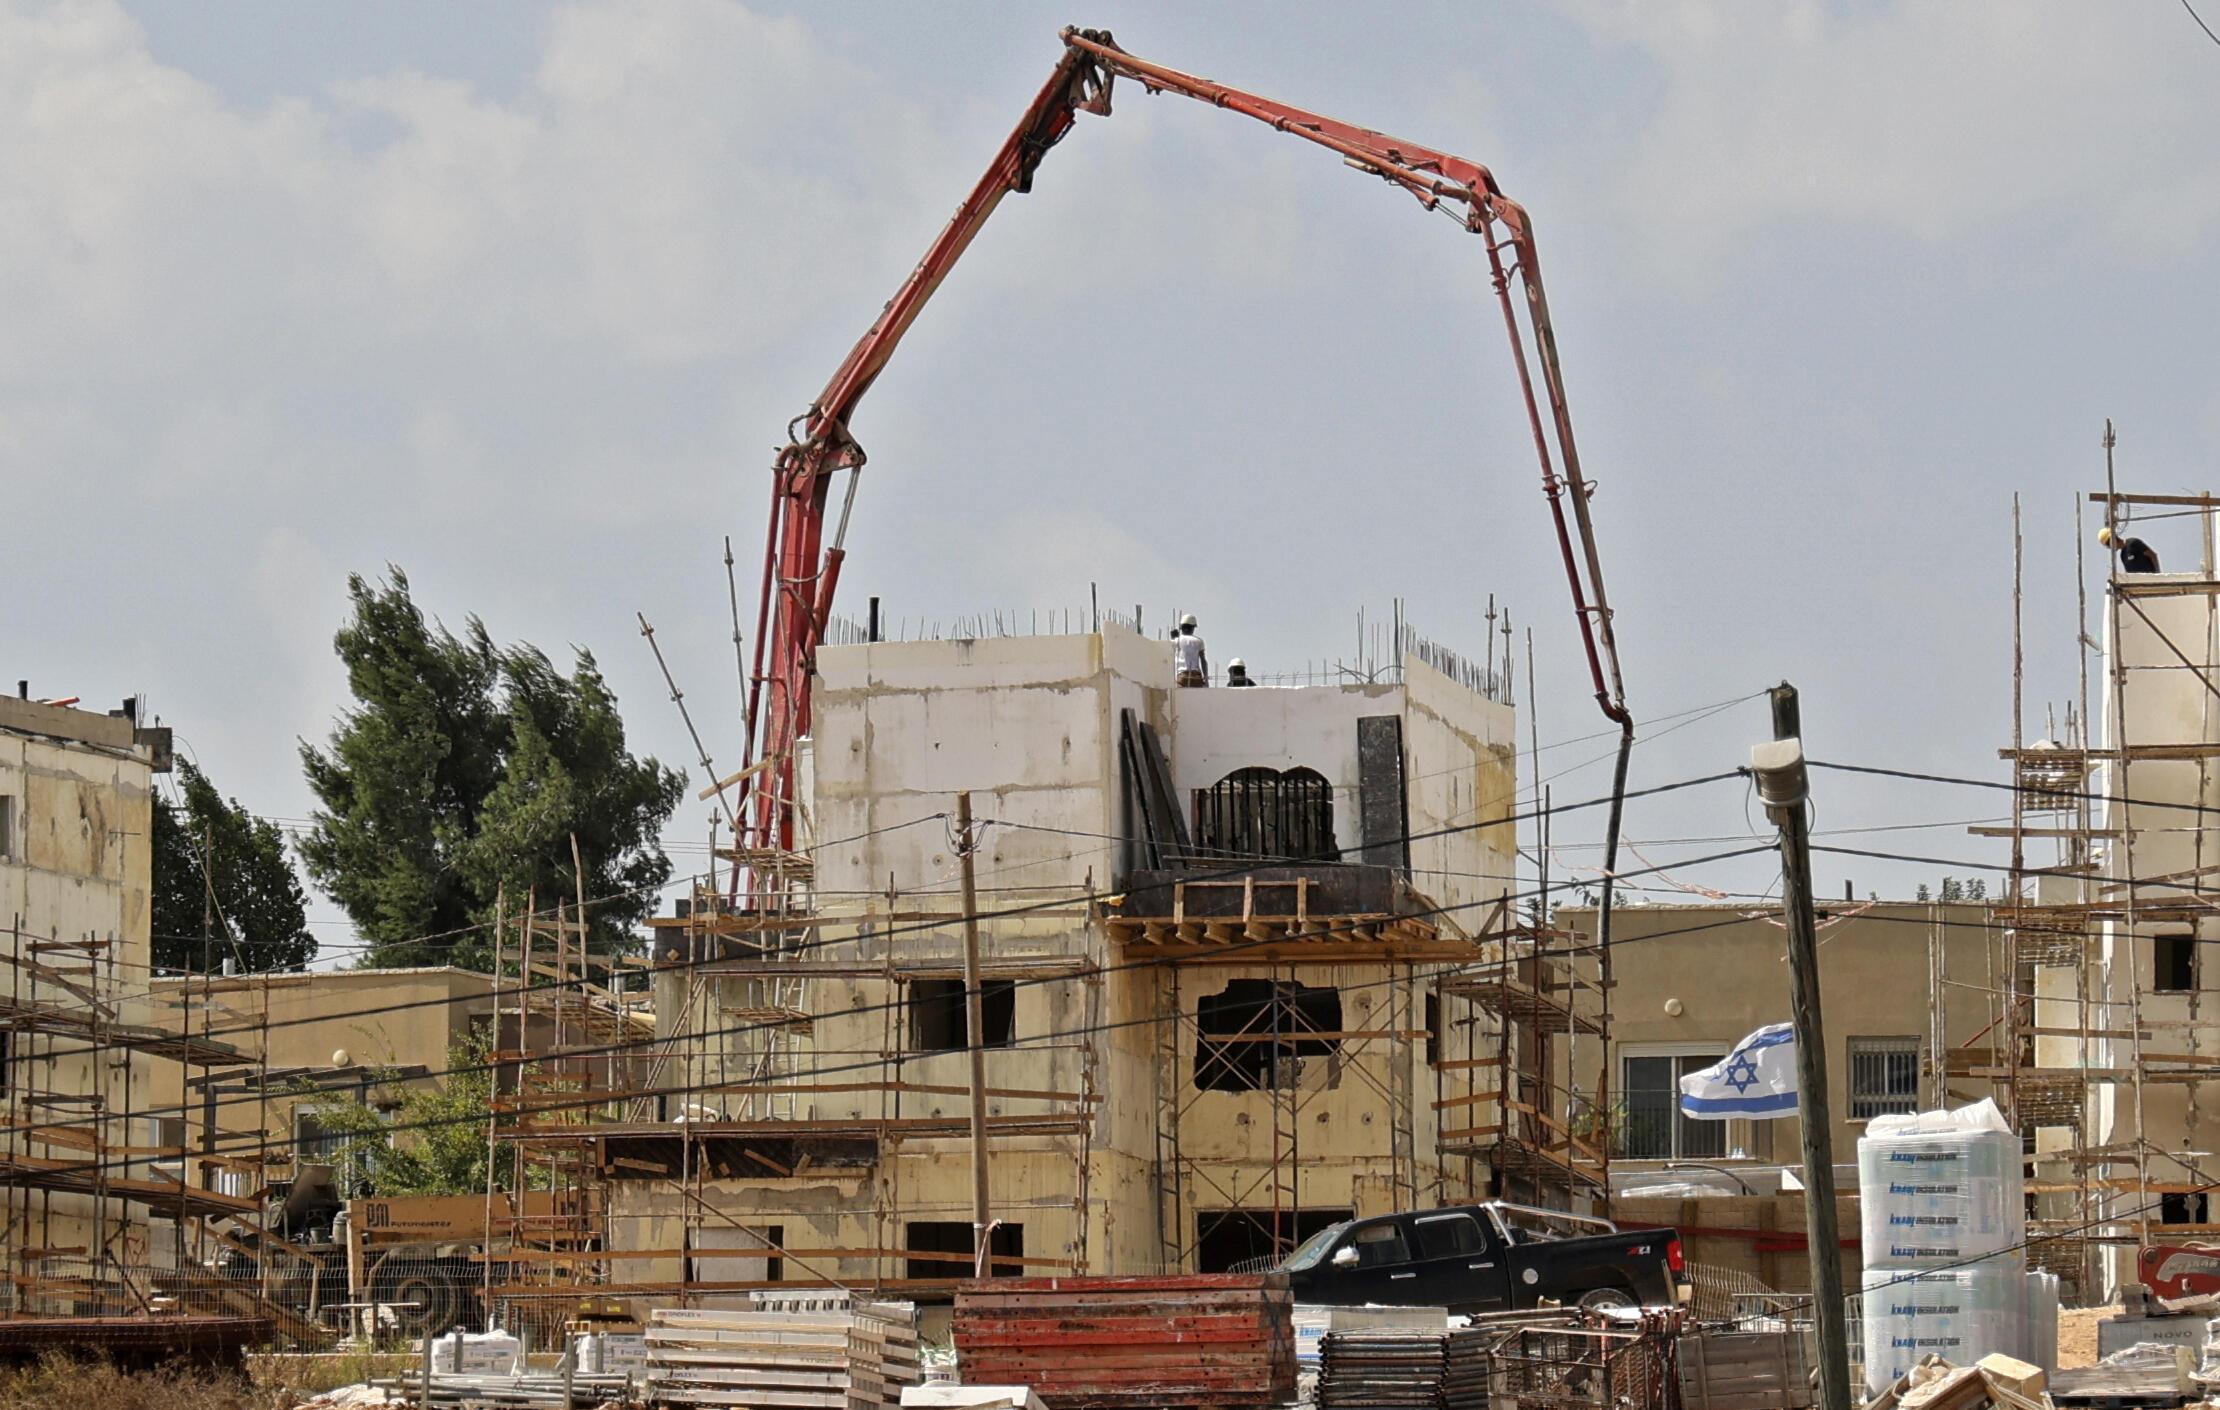 Imagen de la construcción de un inmueble en el asentamiento israelí de Rahalim, cerca del pueblo de Yatma, tomada el 13 de octubre de 2021 al sur de la ciudad cisjordana de Naplusa